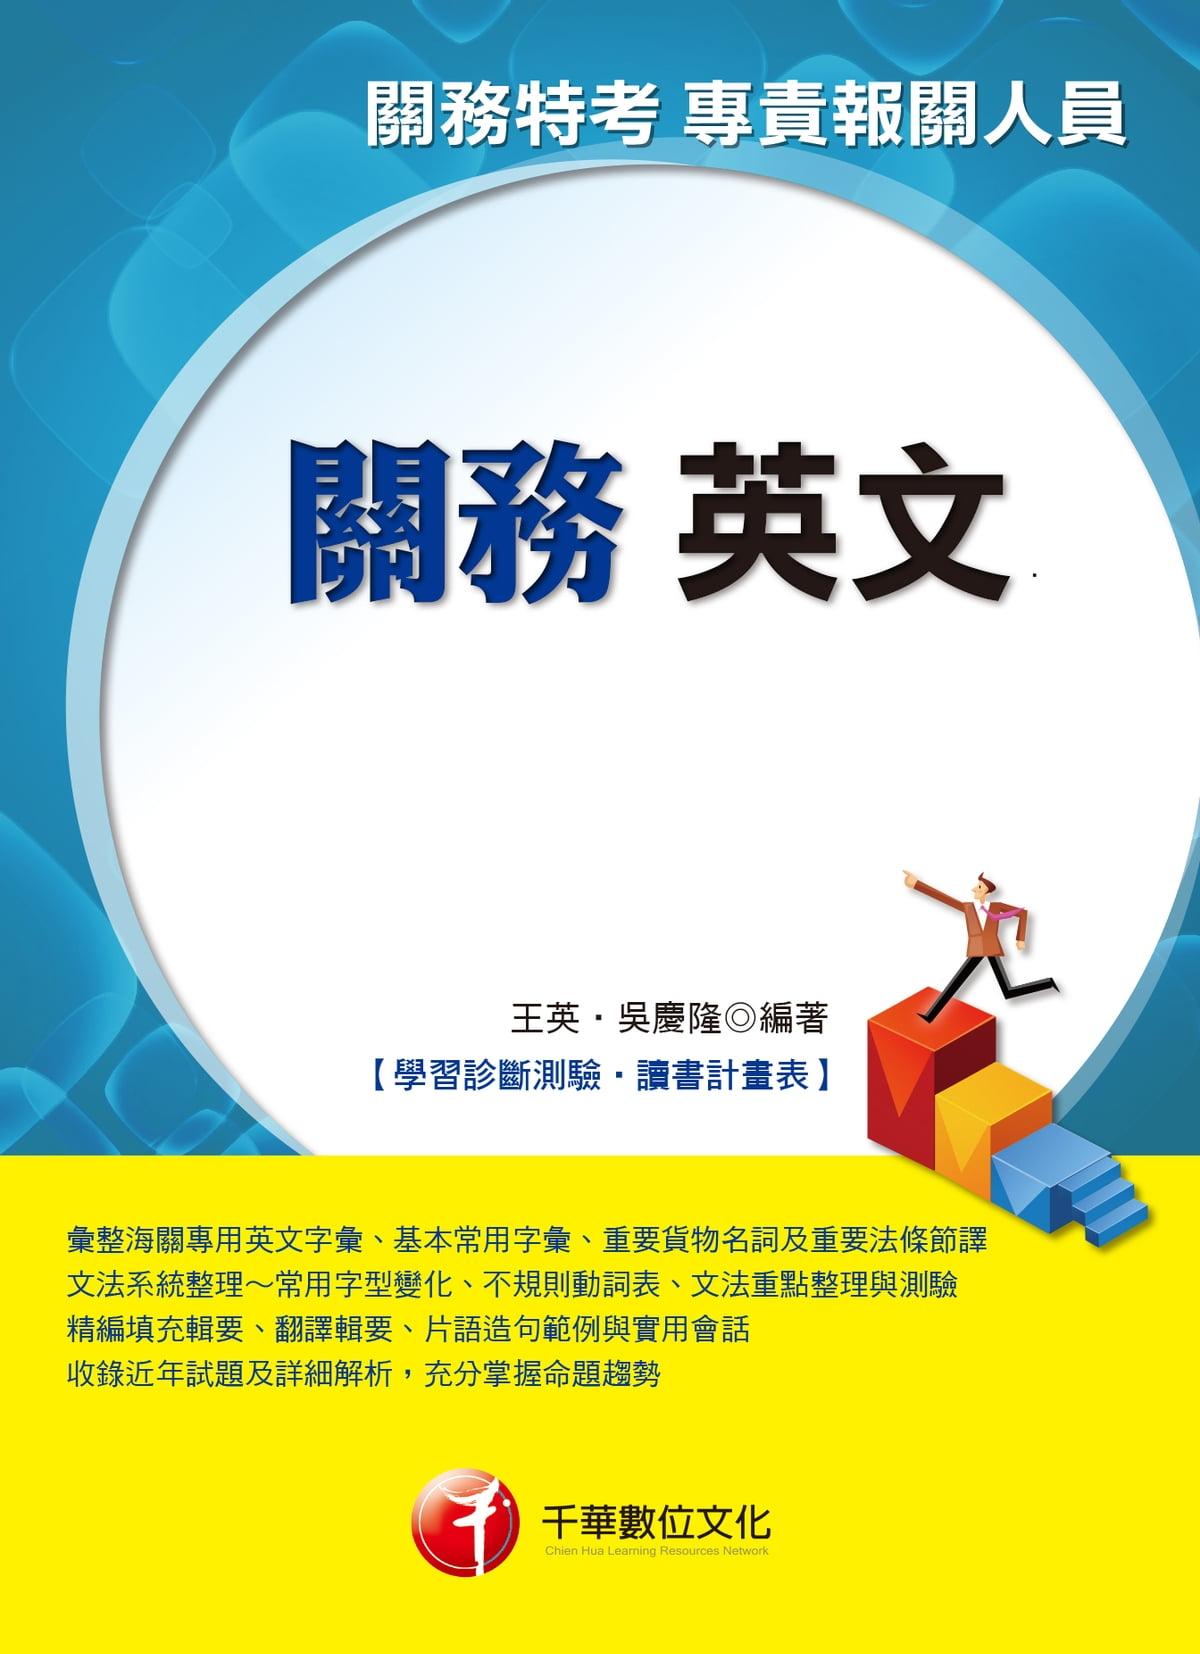 107年關務英文[關務特考] 電子書,分類依據 王英,吳慶隆 - 3429864871728 | Rakuten Kobo 臺灣